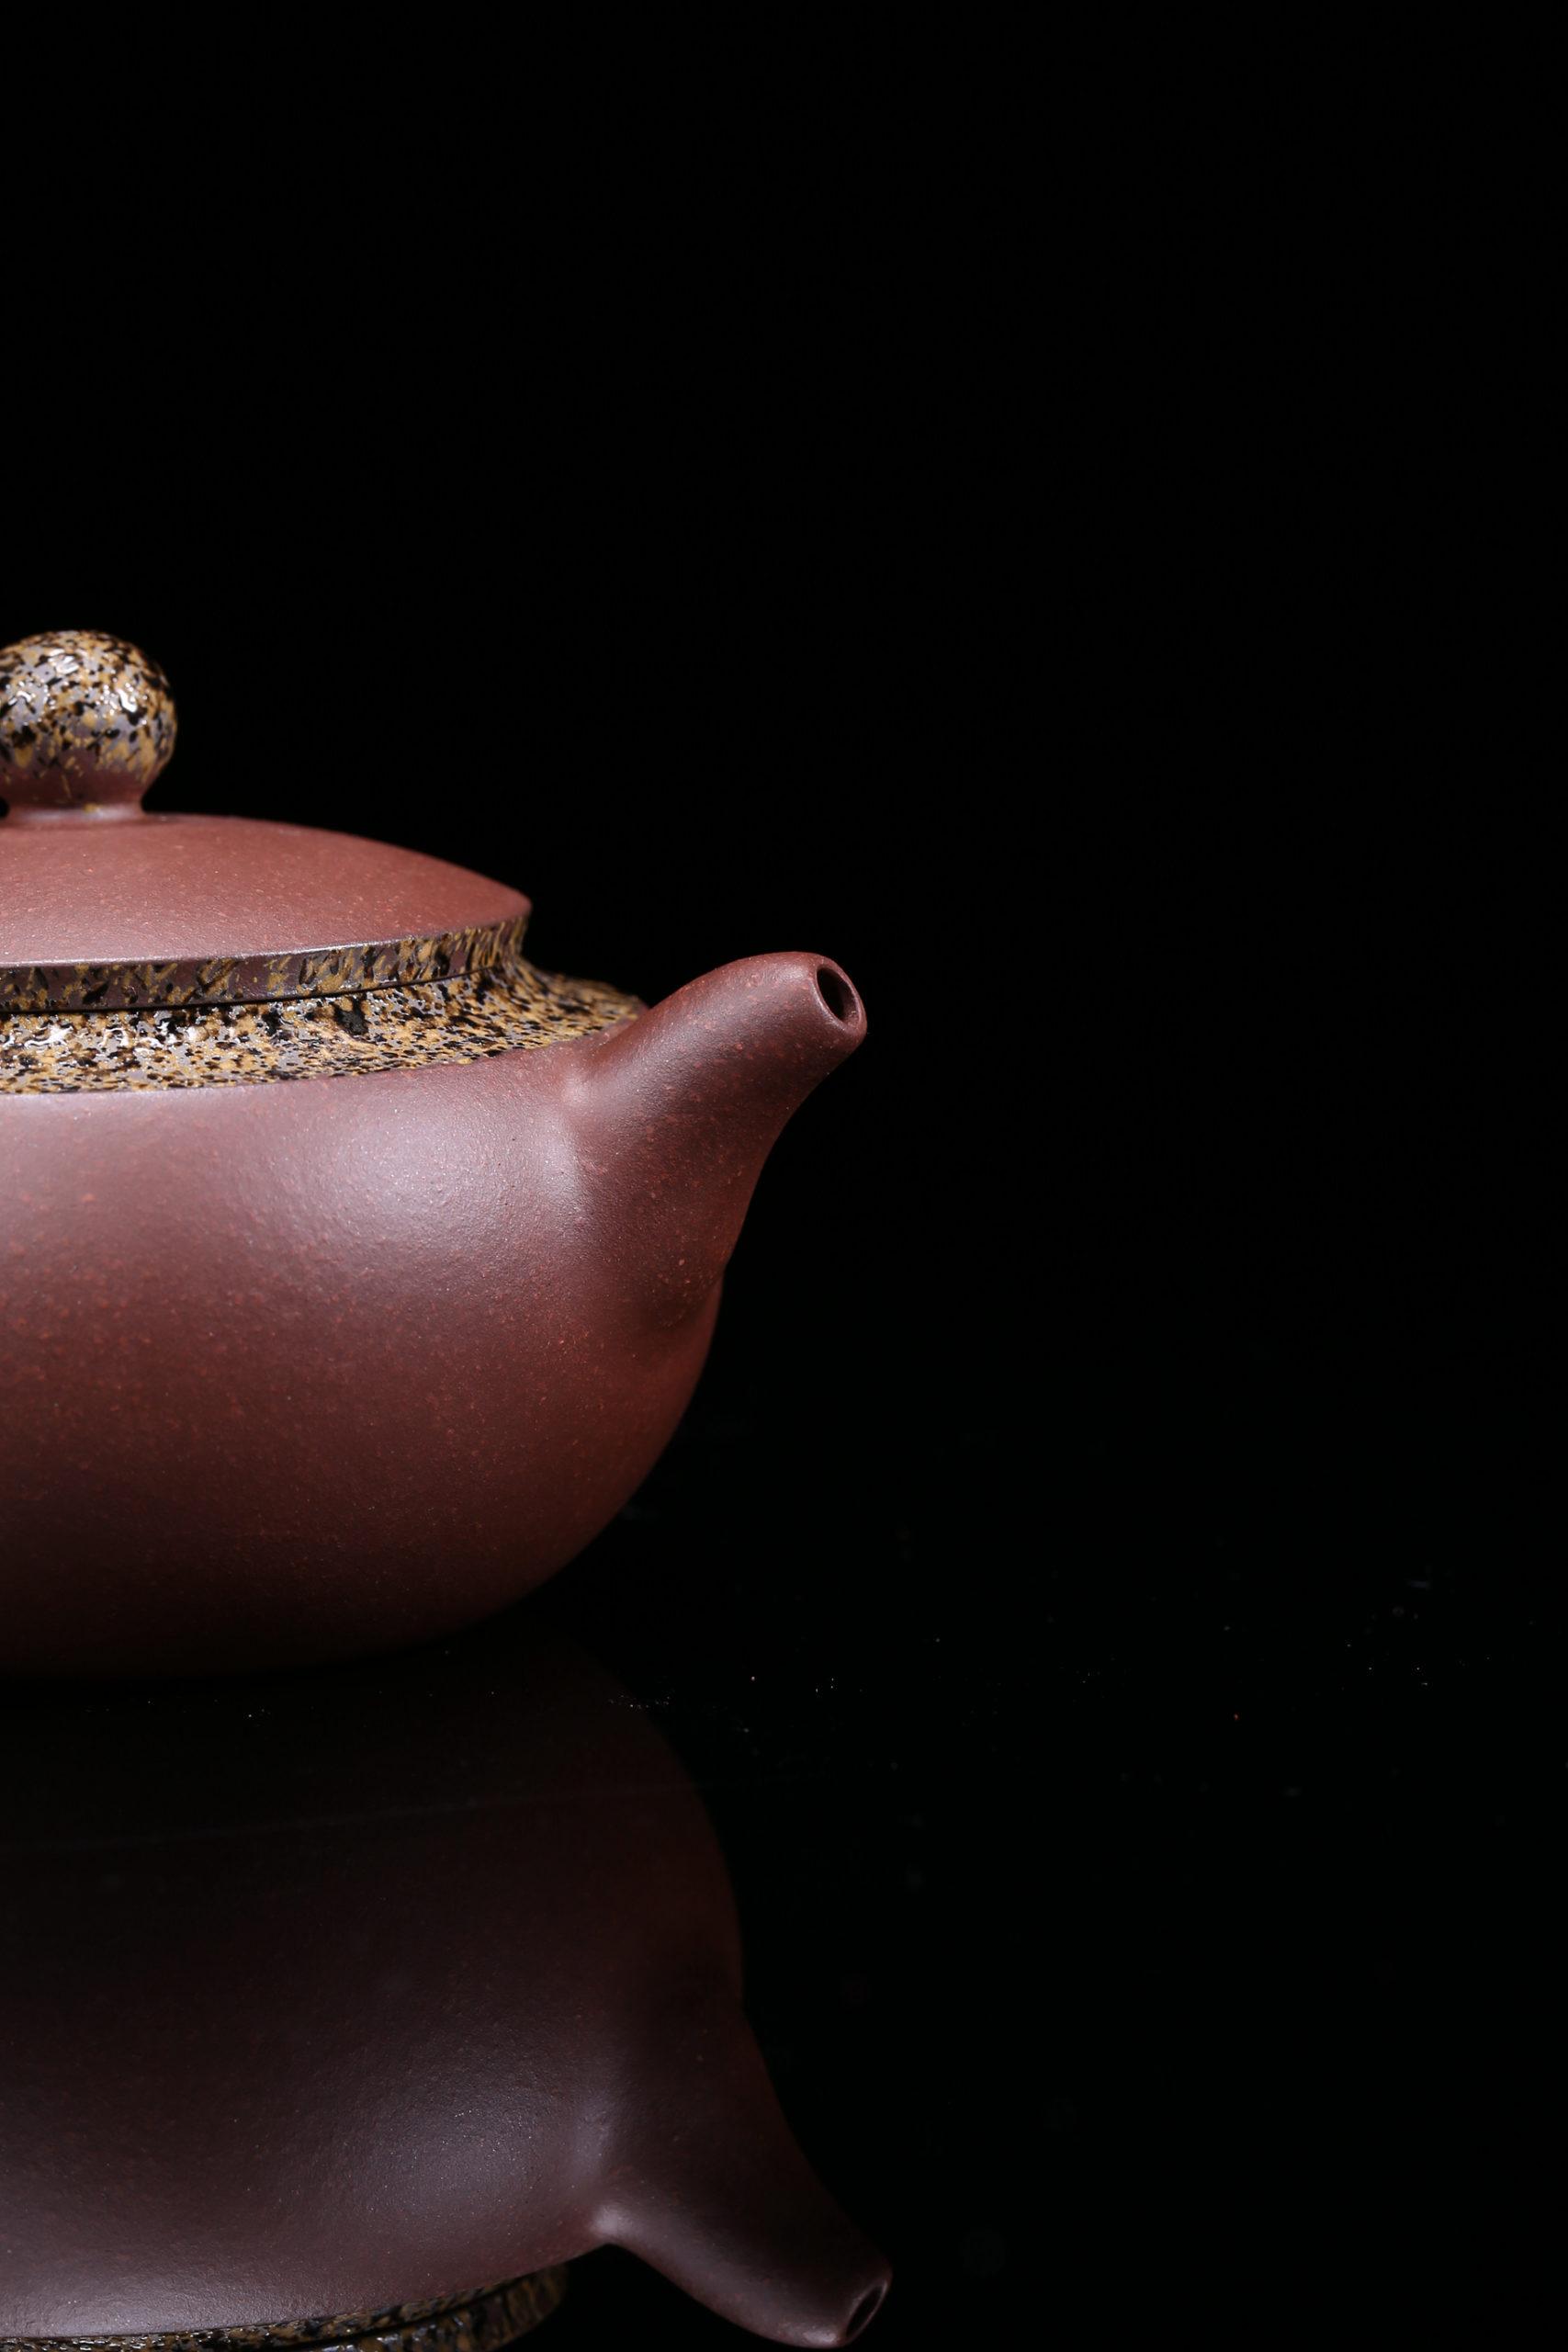 紫砂鉴赏丨邱玉林·小扁禅壶